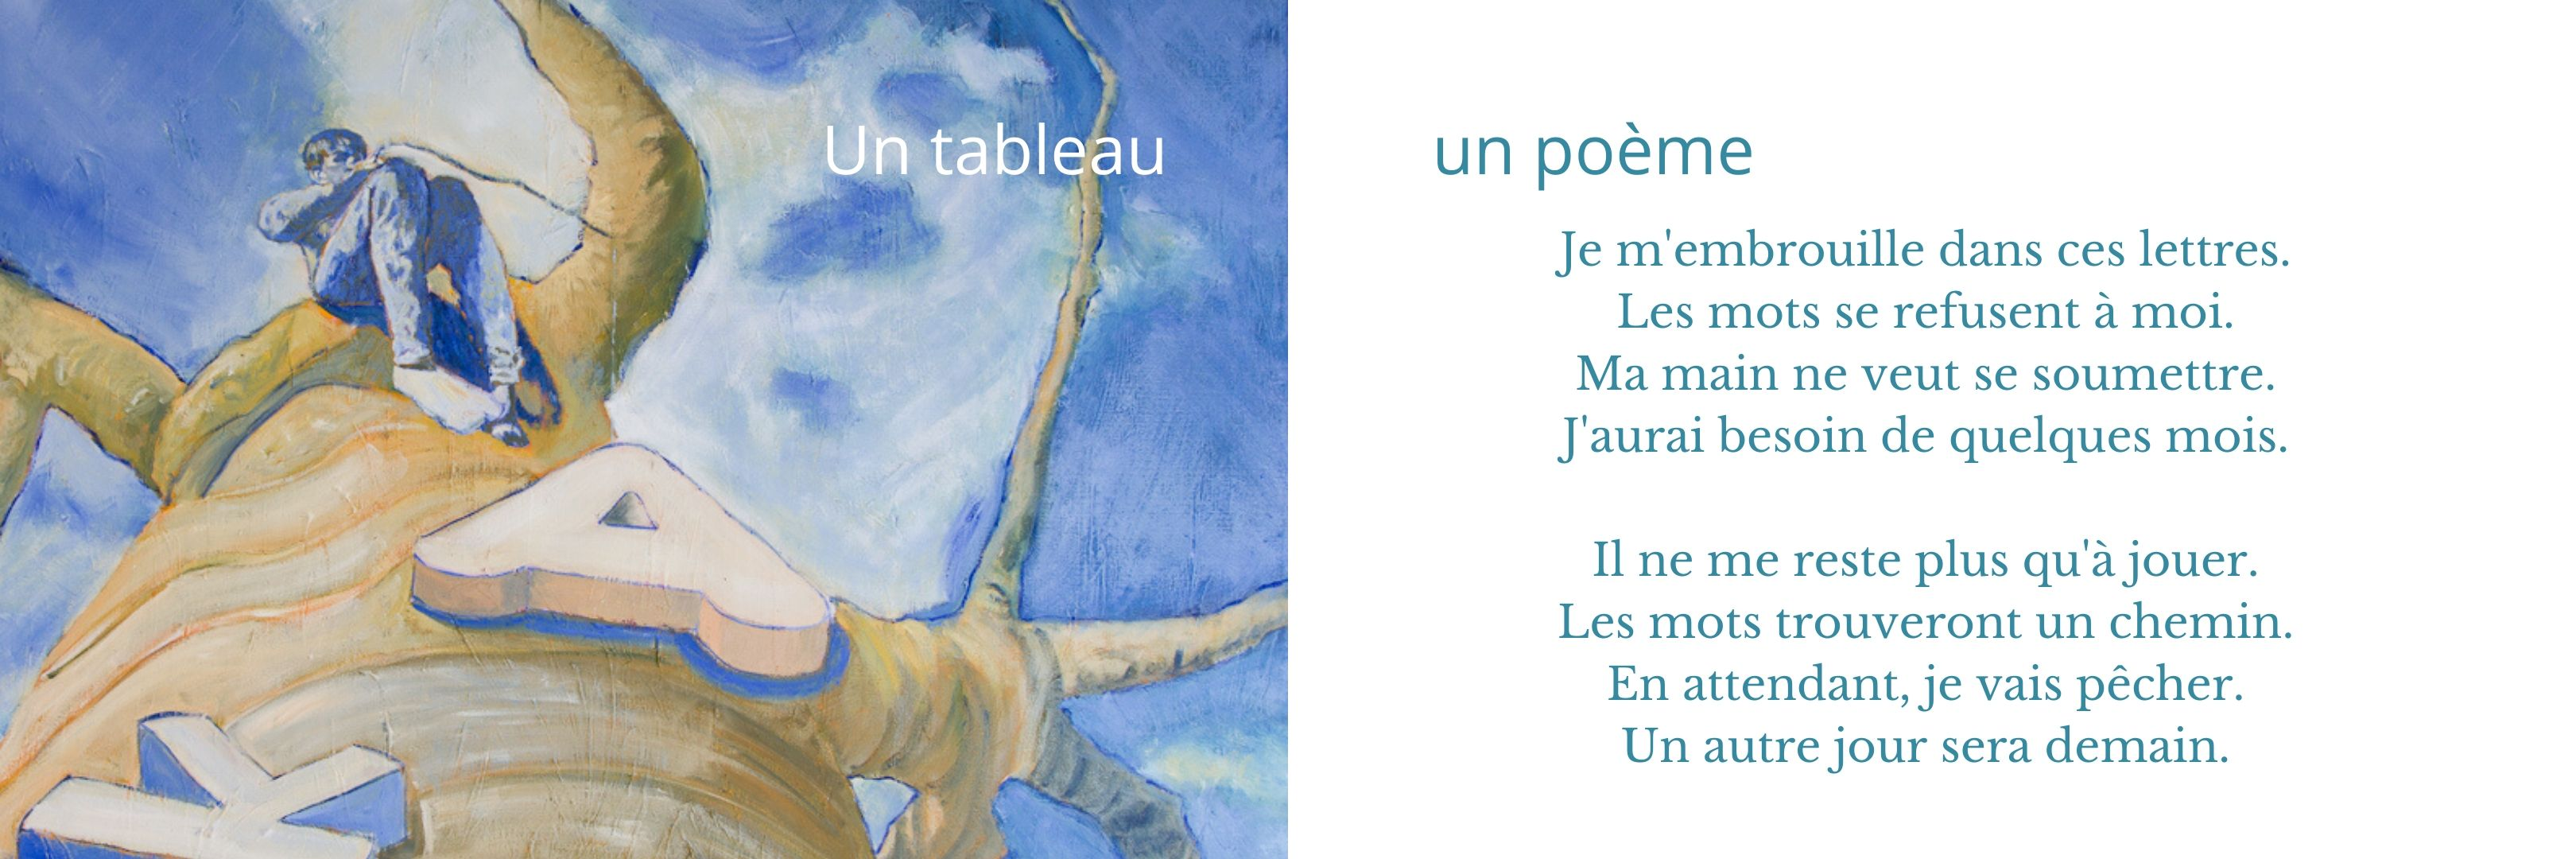 accueil poeme